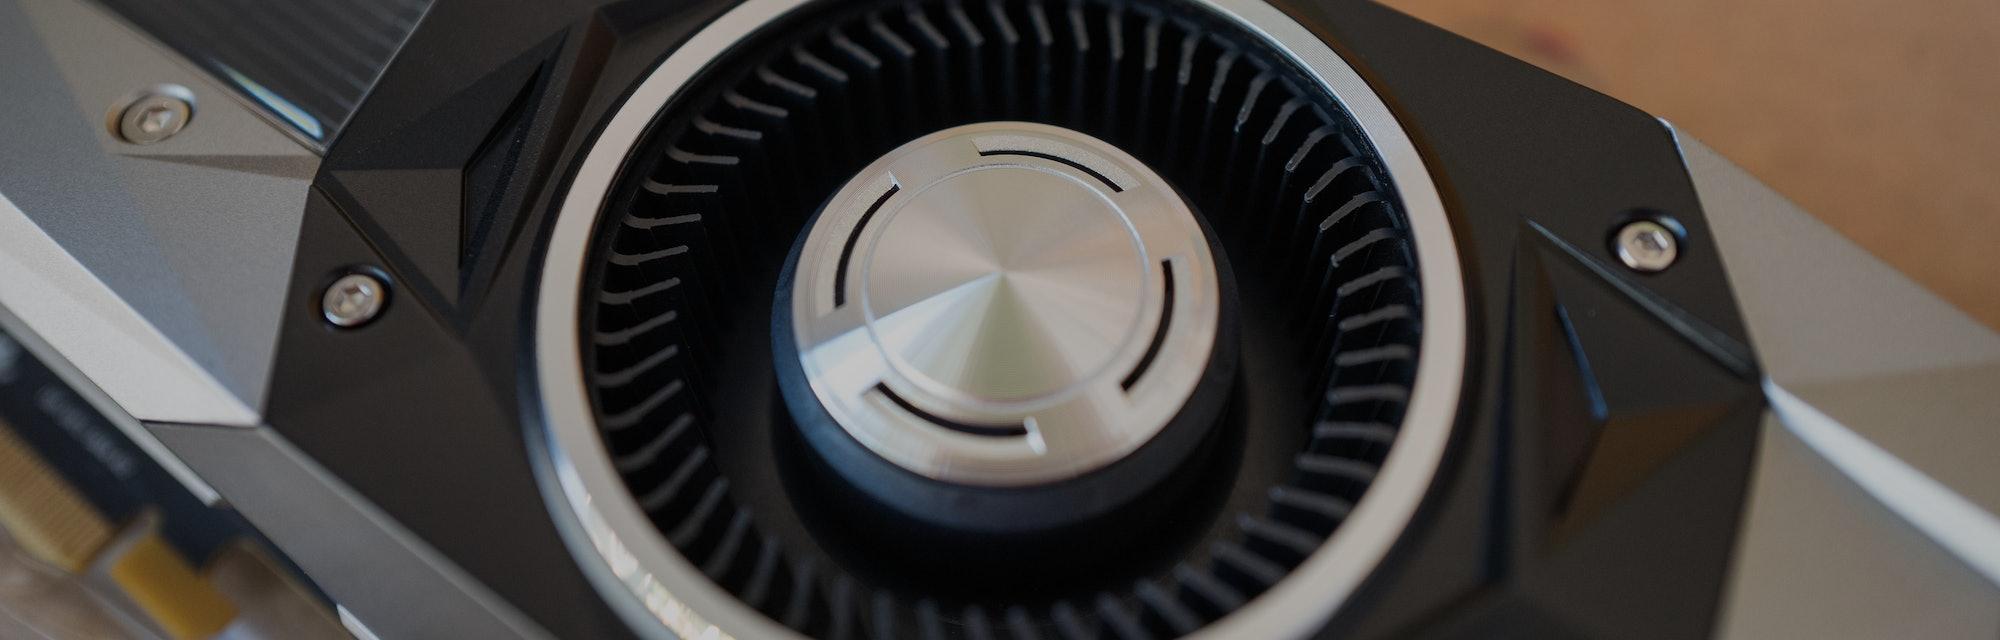 Nvidia graphics processing unit.